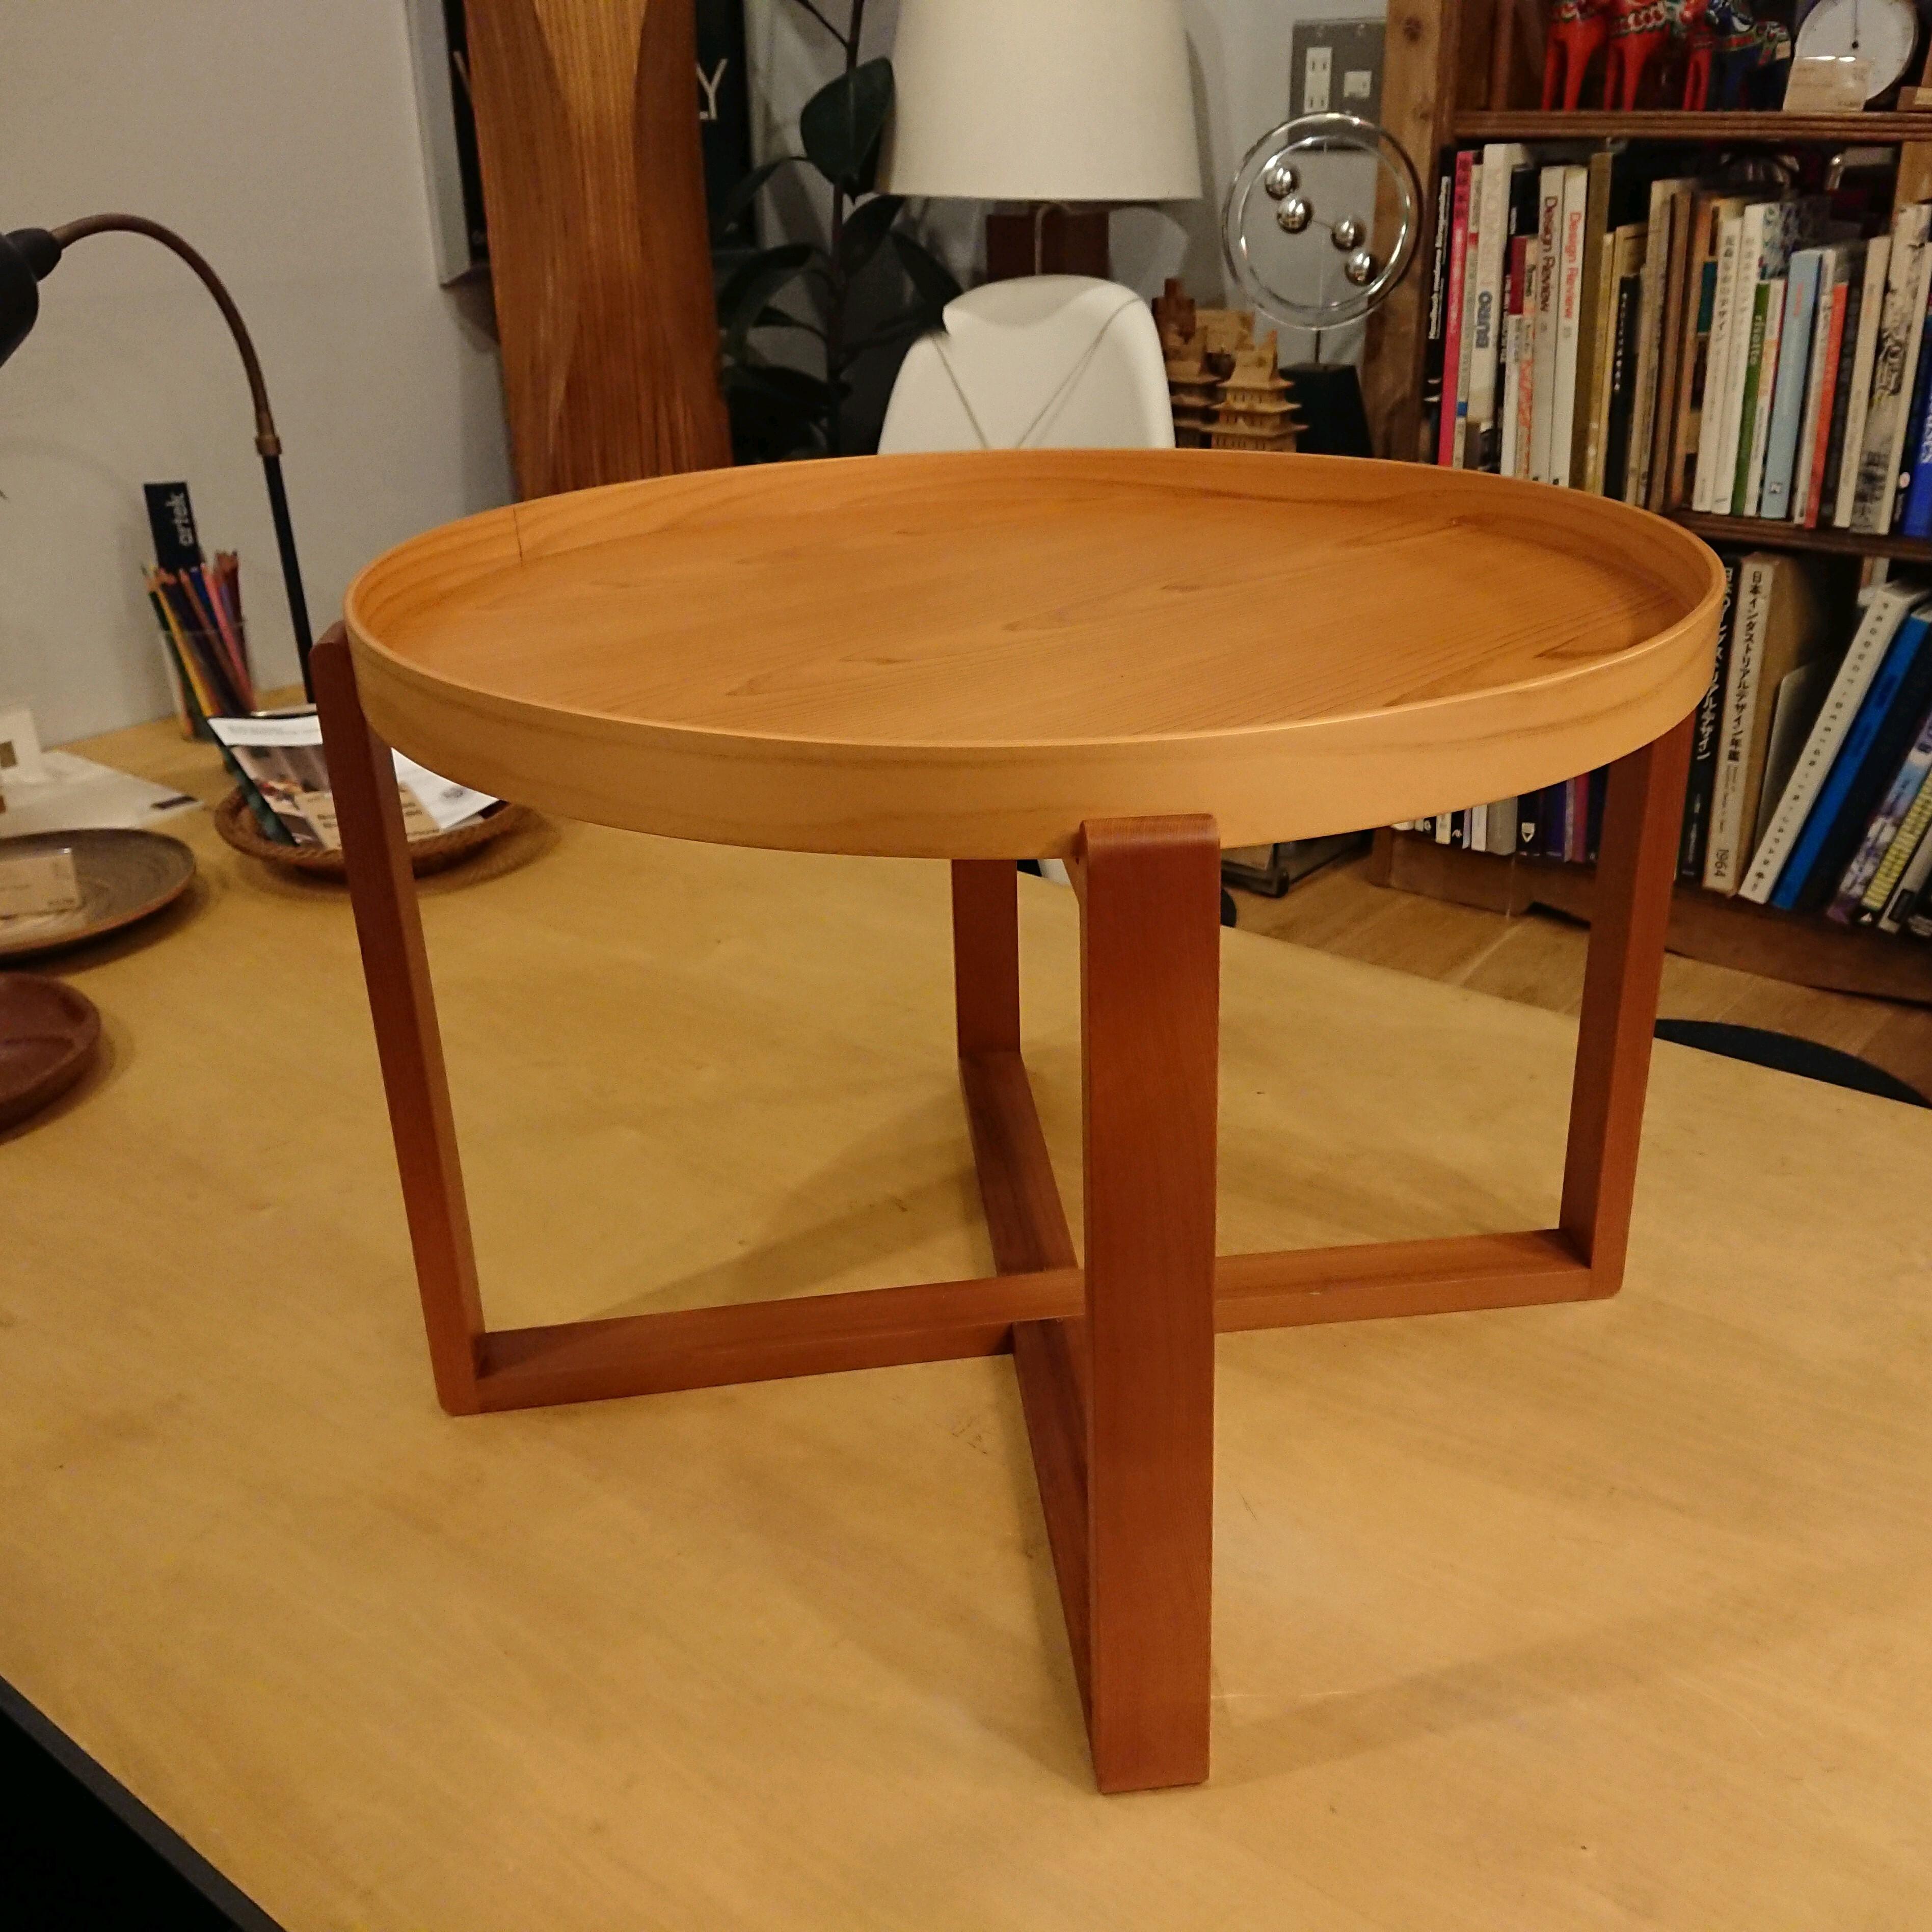 小泉誠 asahineko 曲輪テーブル 540 トレイテーブル 木曽ひのき